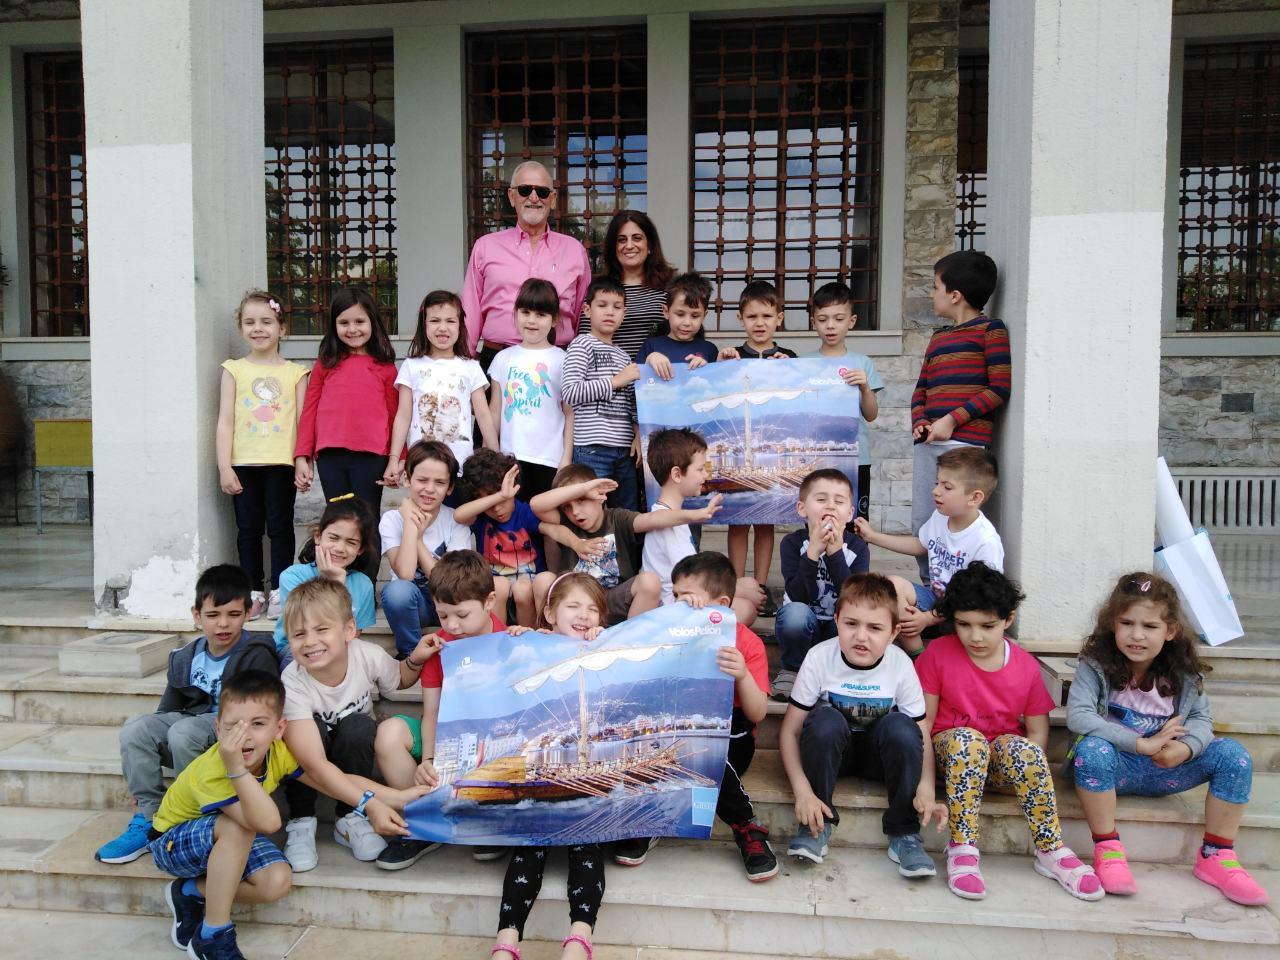 Τα παιδιά του Βρεφονηπιακού Σταθμού της Ιεράς Μητροπόλεως Δημητριάδος γνωρίζουν την Αργώ